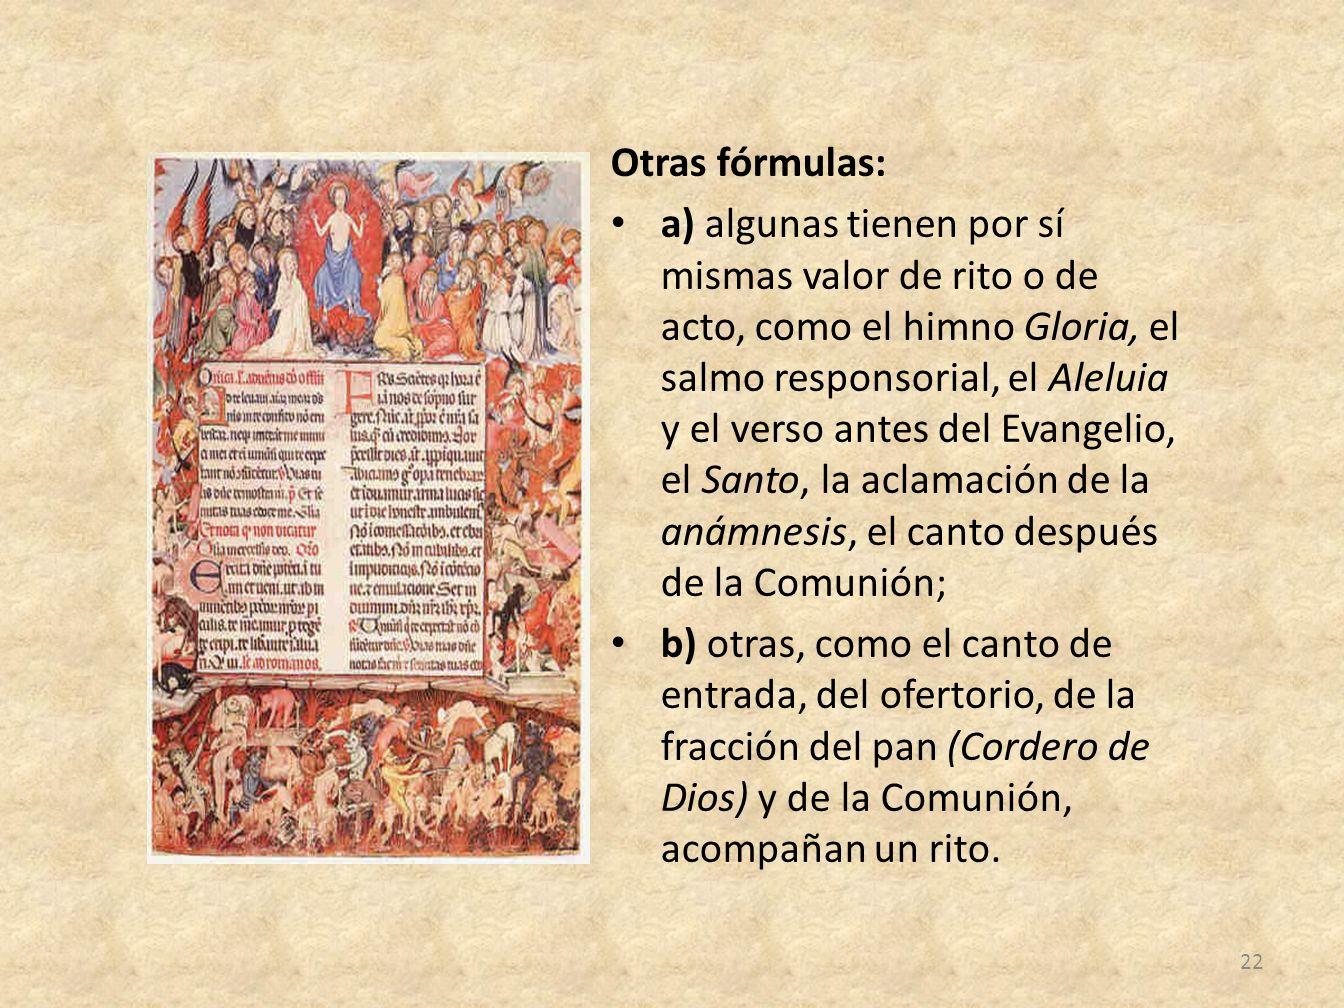 Otras fórmulas: a) algunas tienen por sí mismas valor de rito o de acto, como el himno Gloria, el salmo responsorial, el Aleluia y el verso antes del Evangelio, el Santo, la aclamación de la anámnesis, el canto después de la Comunión; b) otras, como el canto de entrada, del ofertorio, de la fracción del pan (Cordero de Dios) y de la Comunión, acompañan un rito.